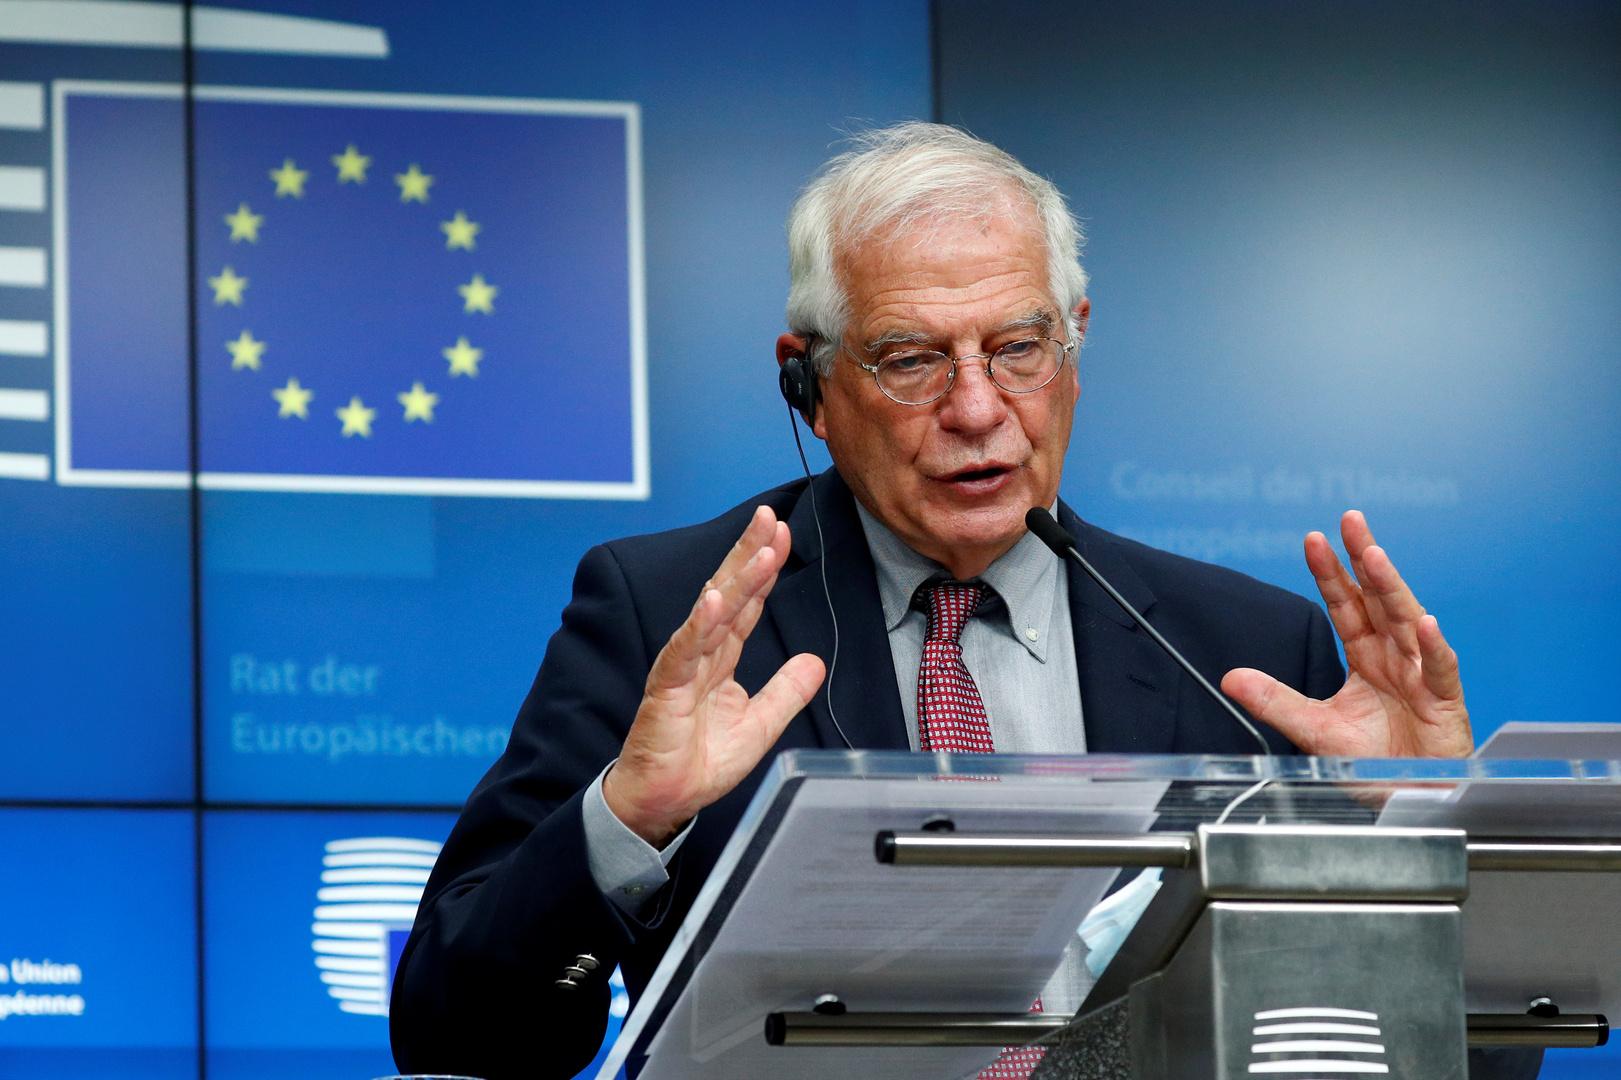 الاتحاد الأوروبي يهدد بيلاروس بالعقوبات